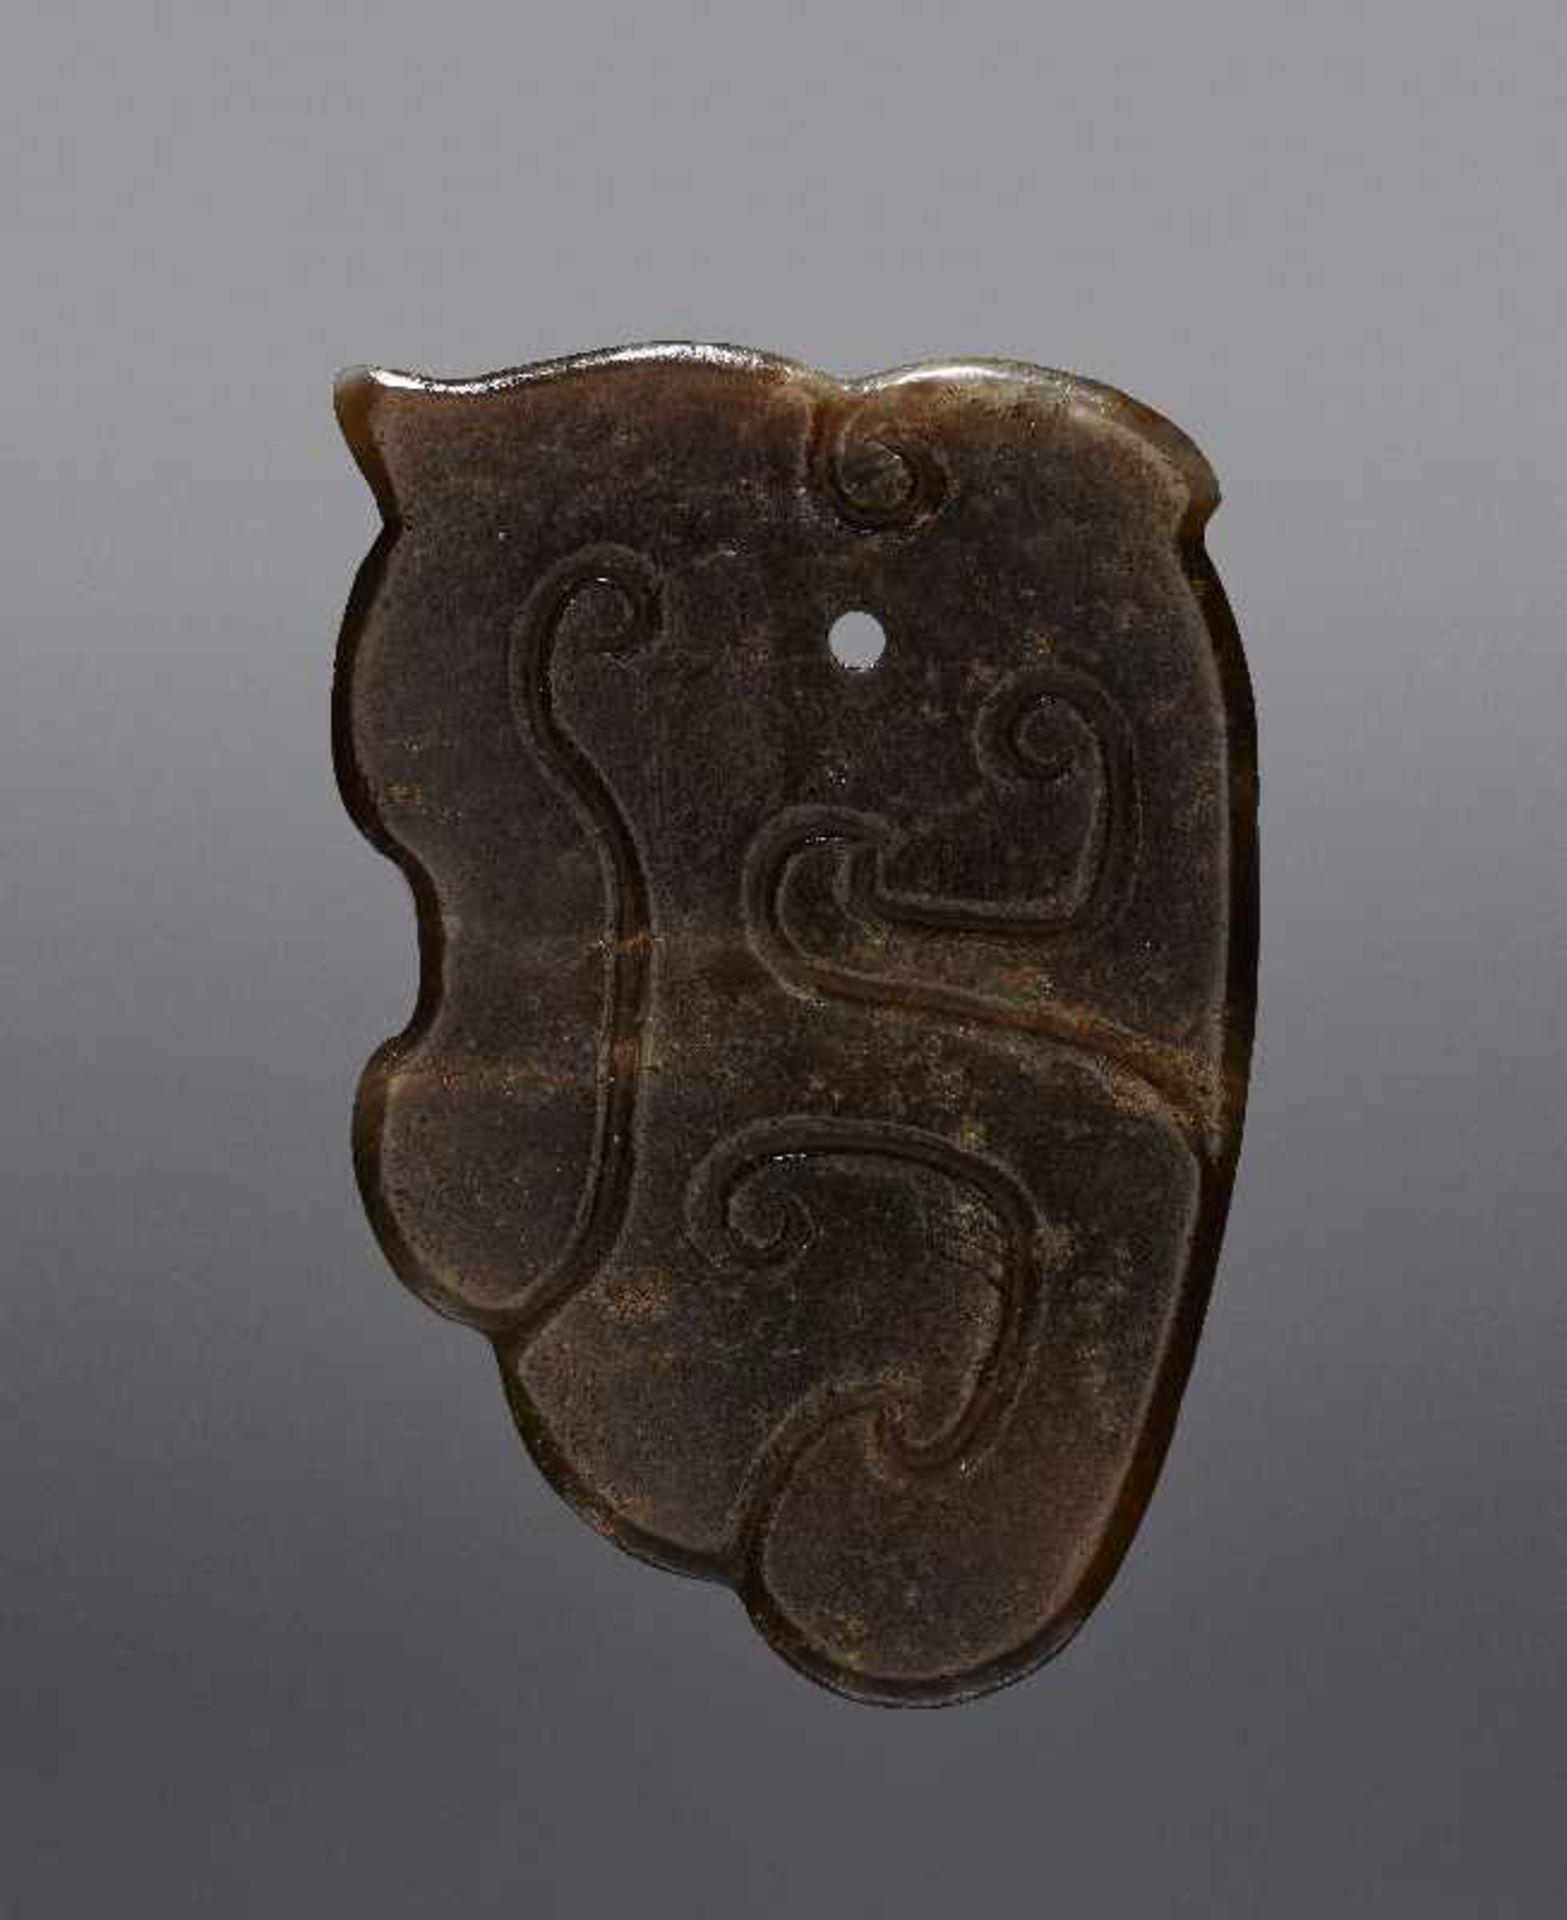 KONVOLUT MIT EINER BI UND DREI AMULETTENJade. China, späte Qing-Dynastie, 19. Jh. 75a: BI Jade. - Image 14 of 17